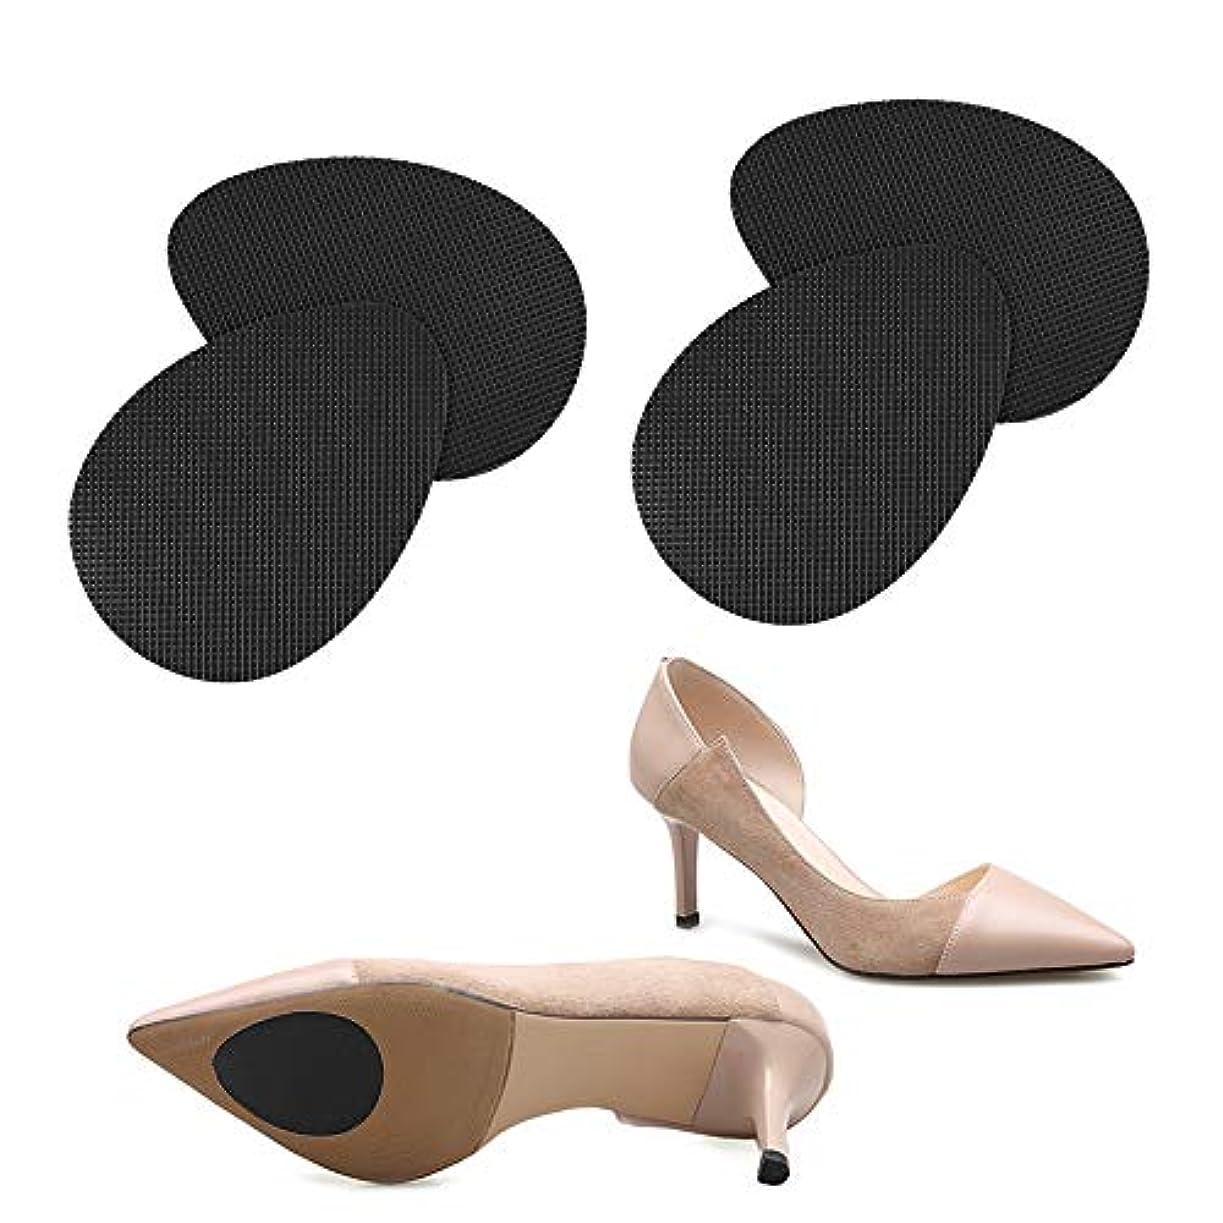 靴 滑り止め ステッカー,LINECY 【スリップガード】靴保護 シート つま先&かかと 靴底補修 滑り止め (2足4枚いり)